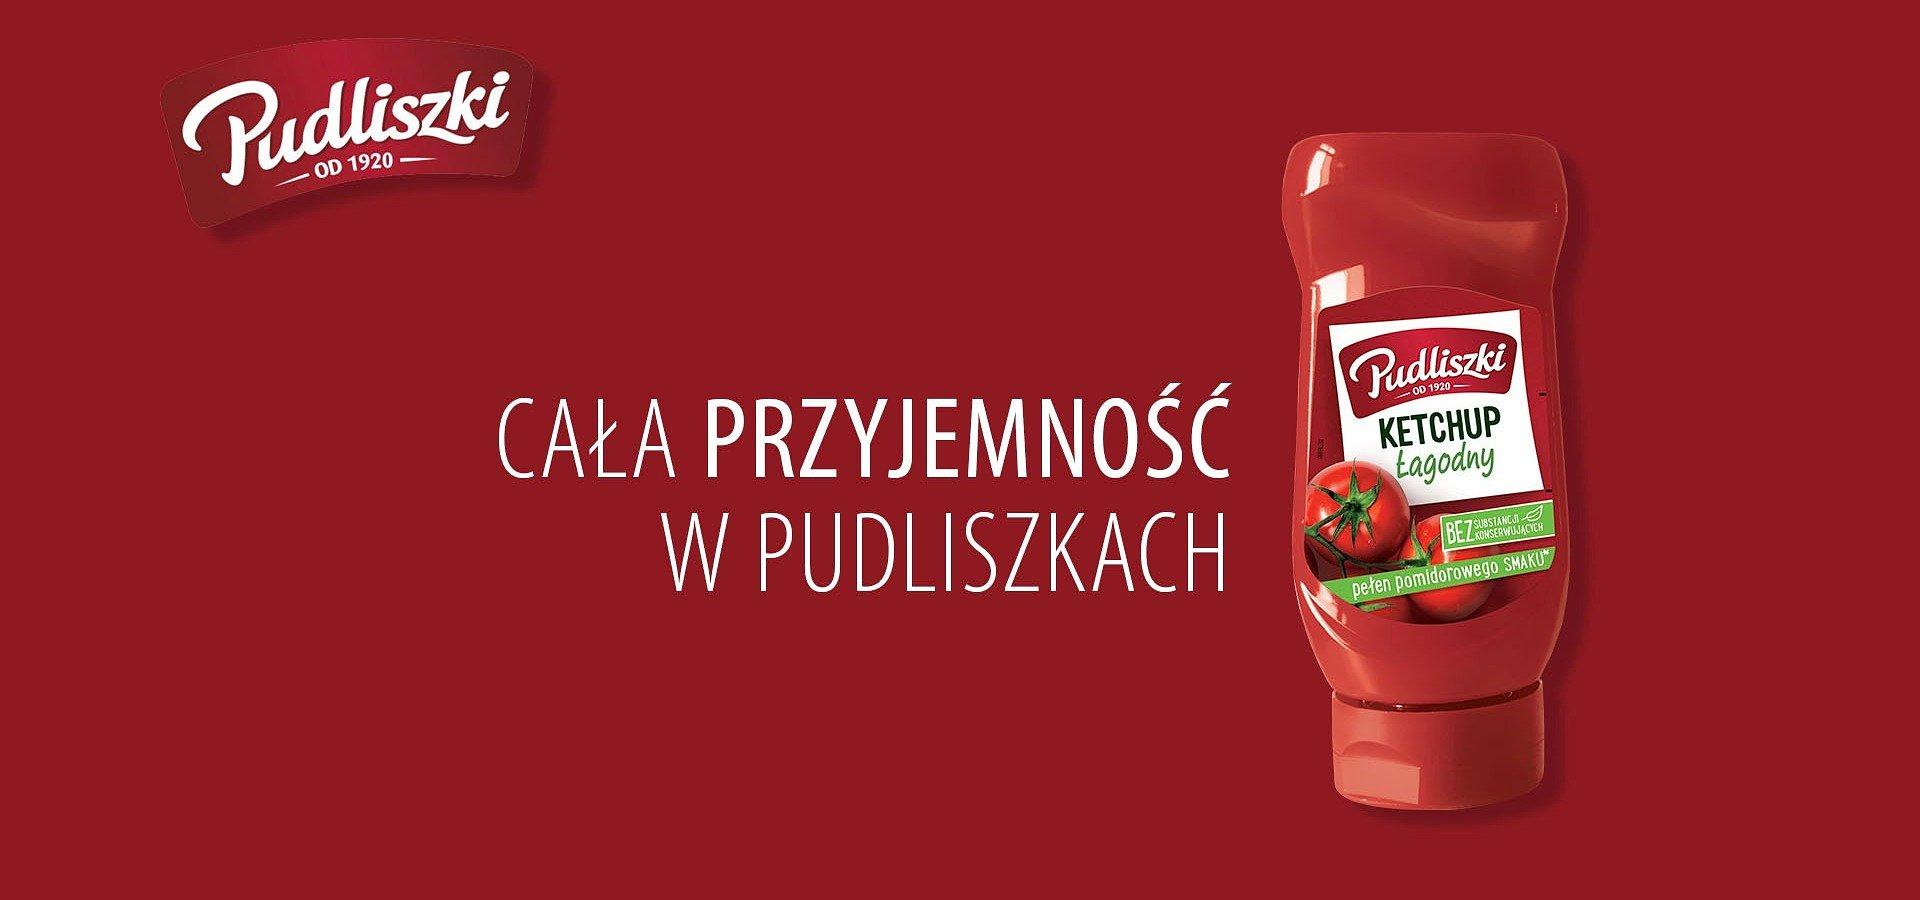 """Ketchup Pudliszki z nową kampanią """"Przyjemność""""."""